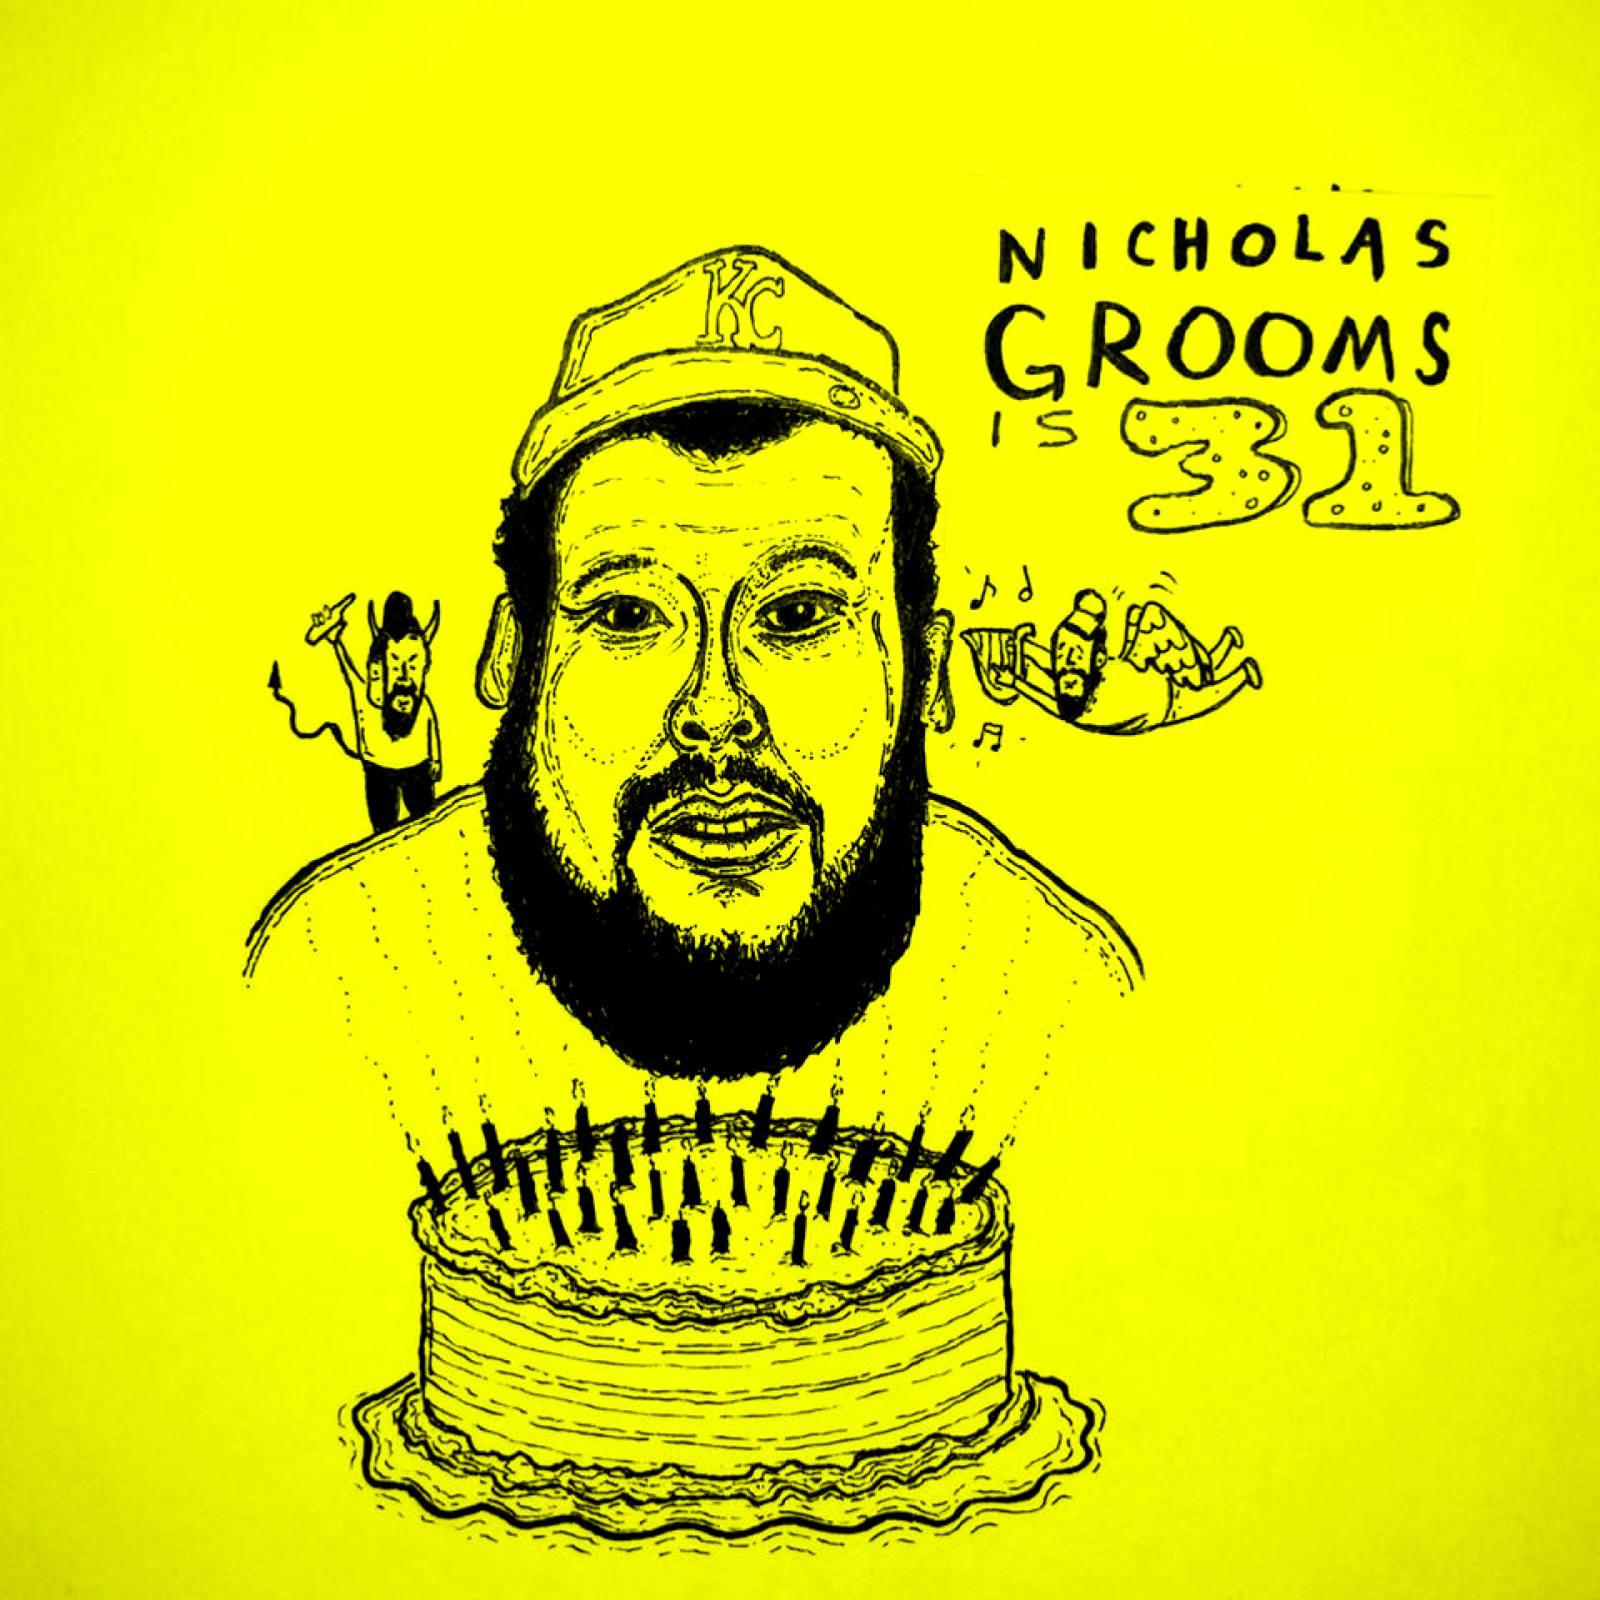 Nicholas Grooms